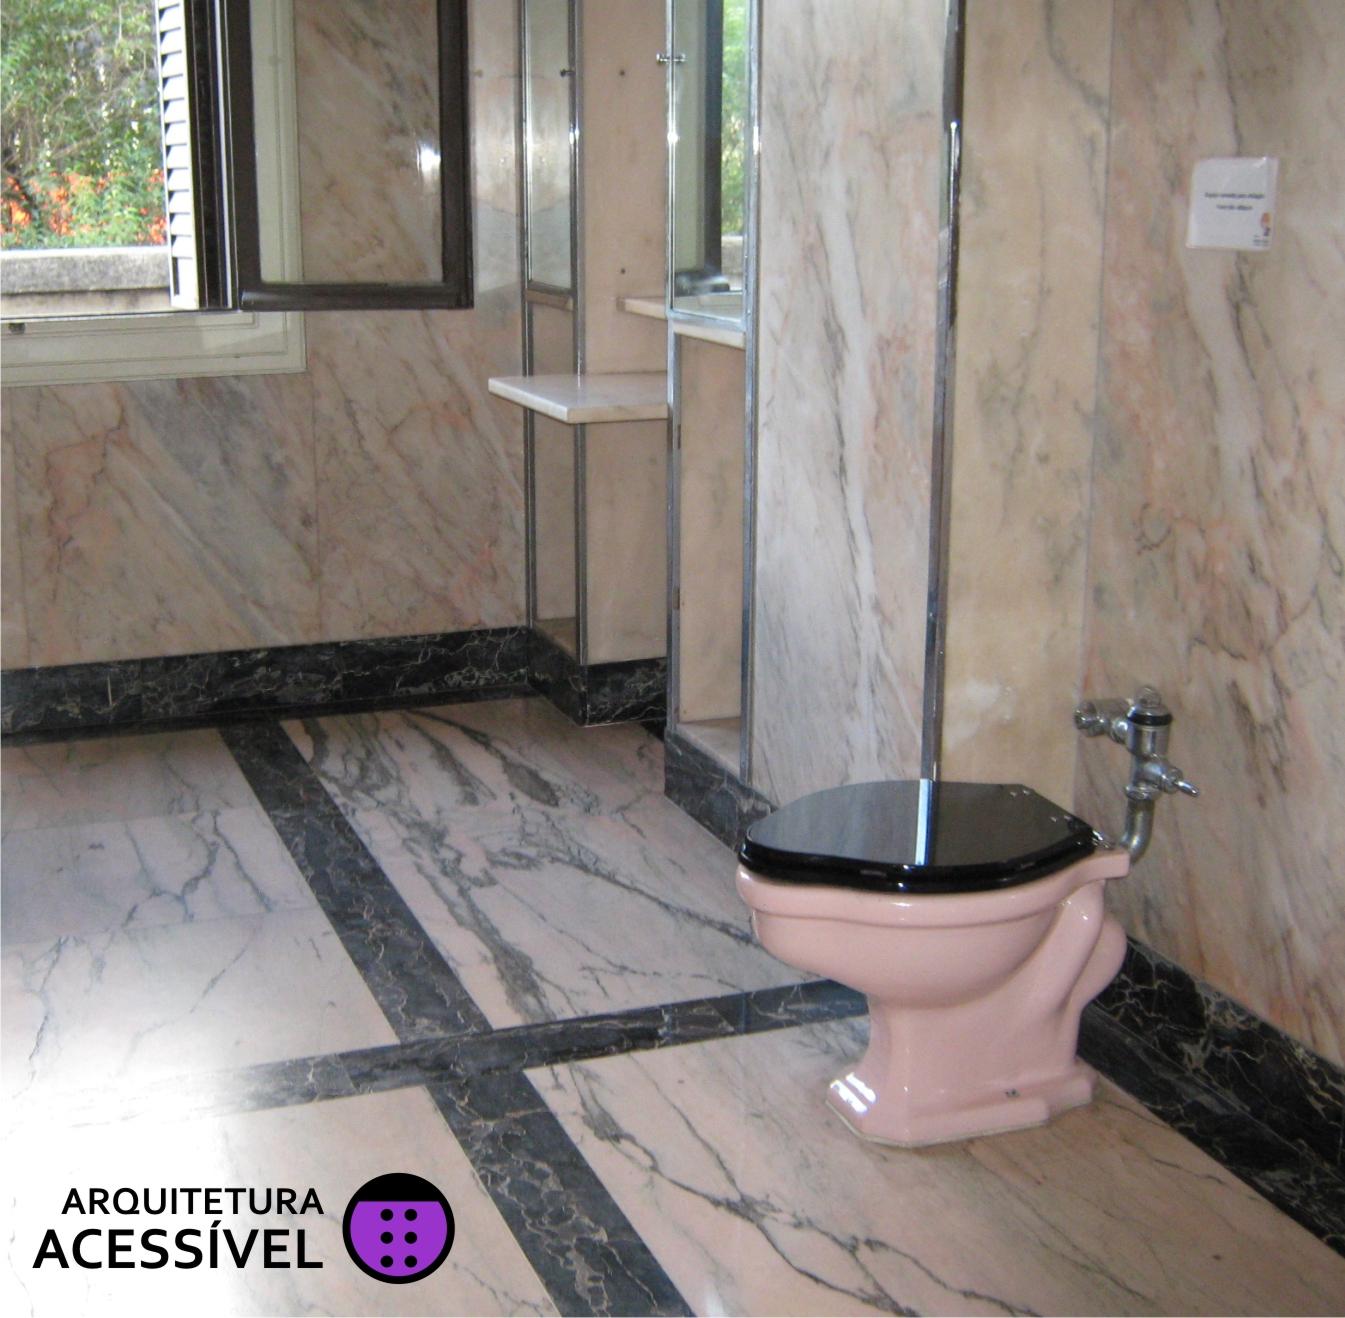 Antigamente… Arquitetura Acessível #5F7A51 1345x1318 Banheiro Acessivel Norma 9050